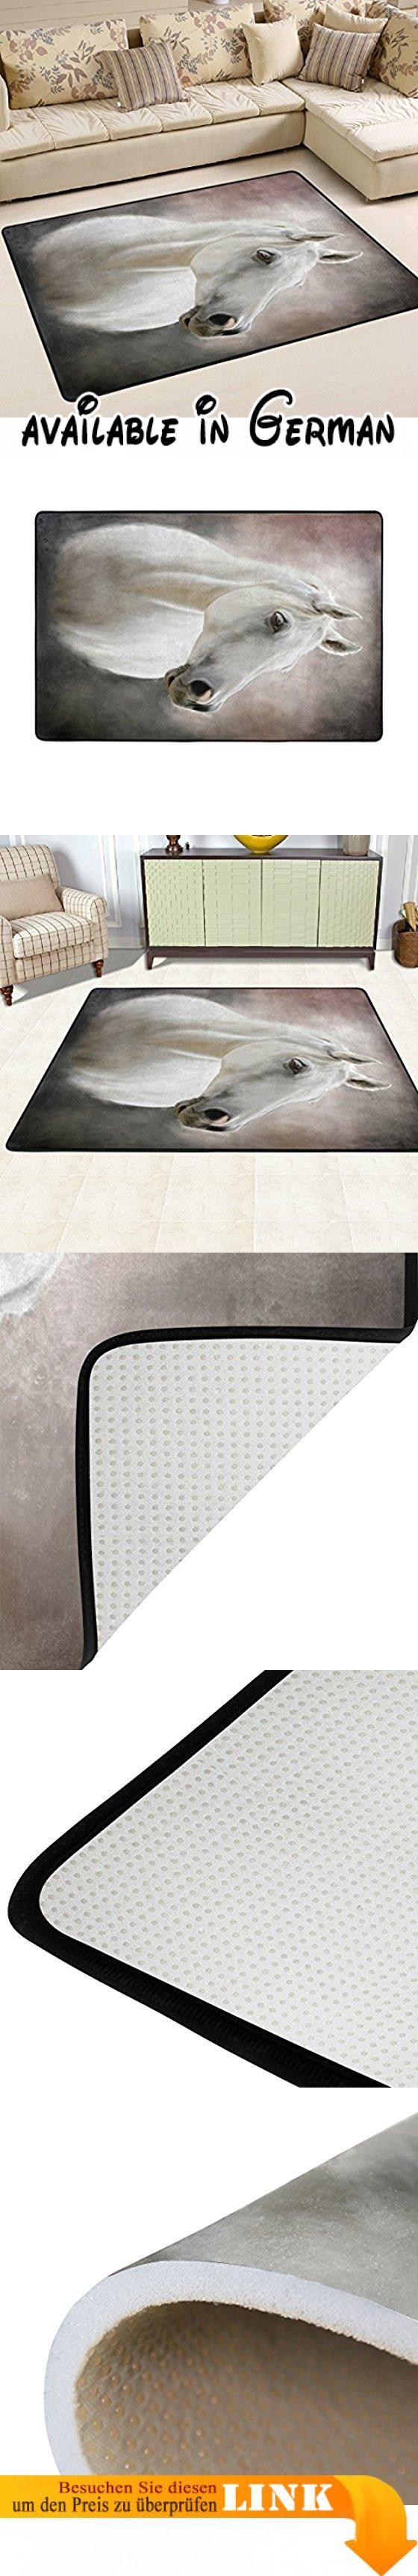 Woor Super Bequem Anti Rutsch Weiß Pferd Bereich Teppiche/Boden Matte/Bezug  Teppiche Mit Kleine Menge Speicher Schaumstoff Für Wohnzimmer/Schlafzimu2026